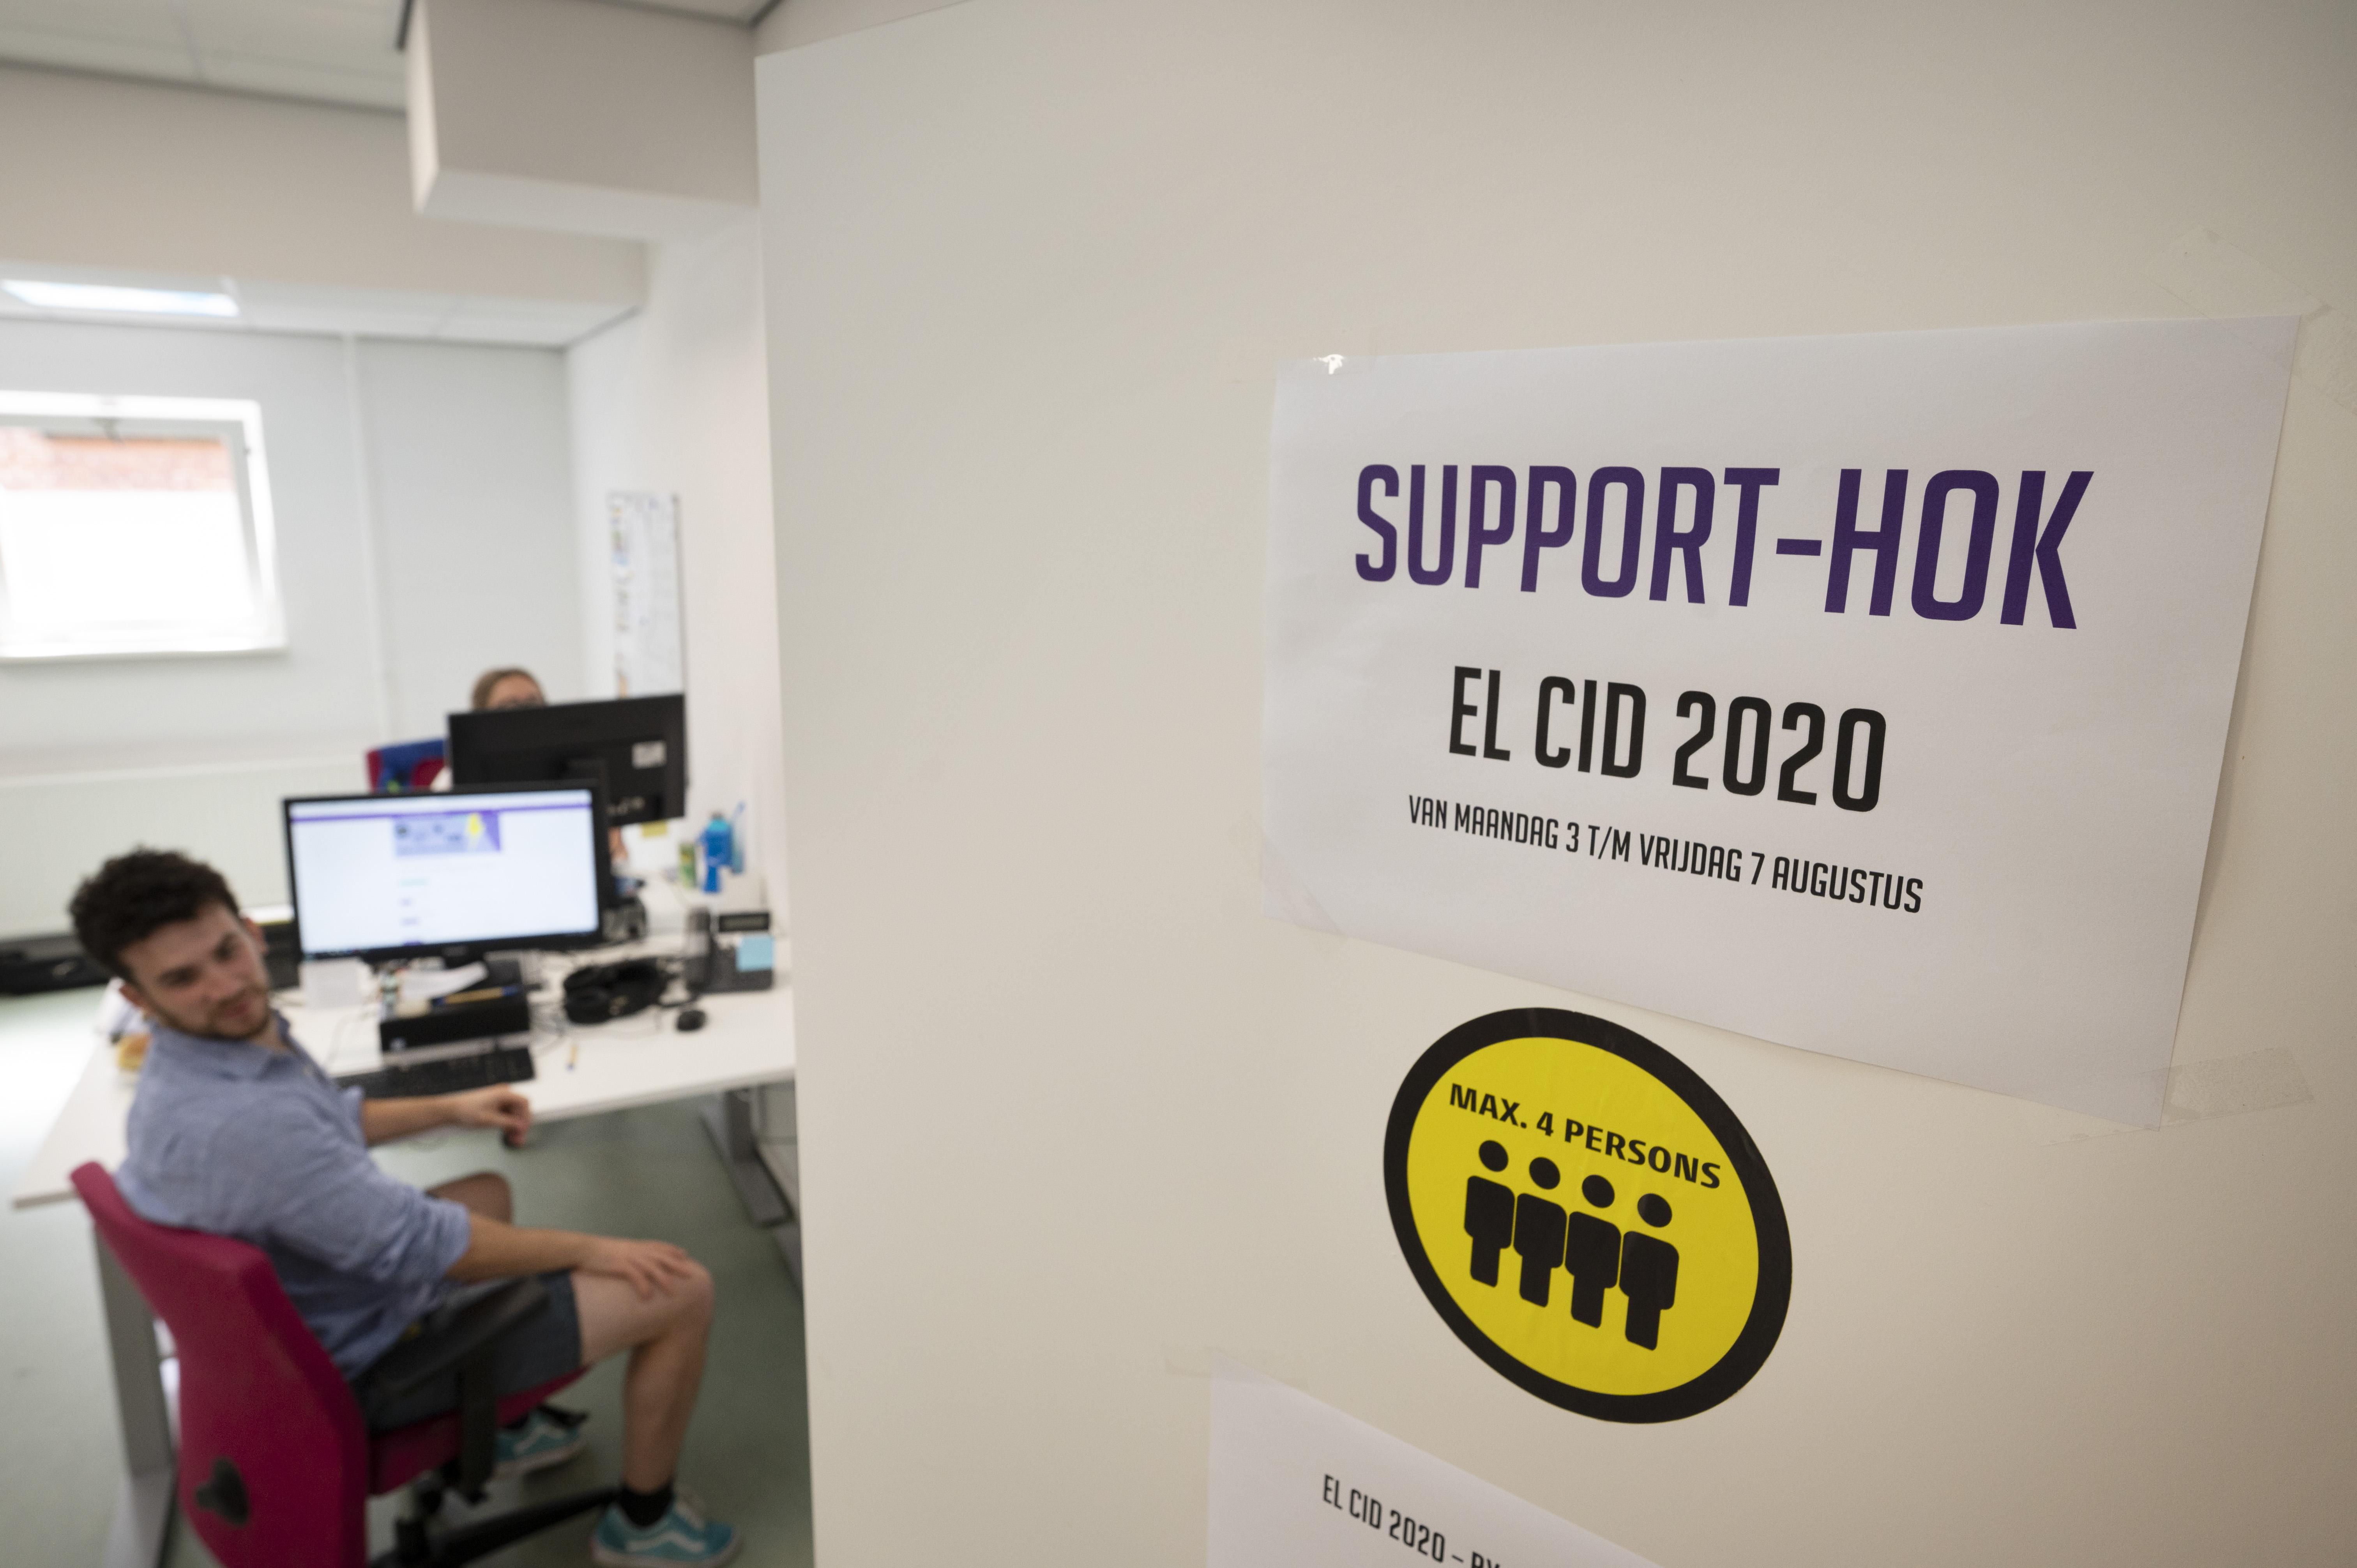 Hoofdkwartier El Cid-organisatie is digitale vesting geworden: 'Vanuit hier sturen we alles aan'